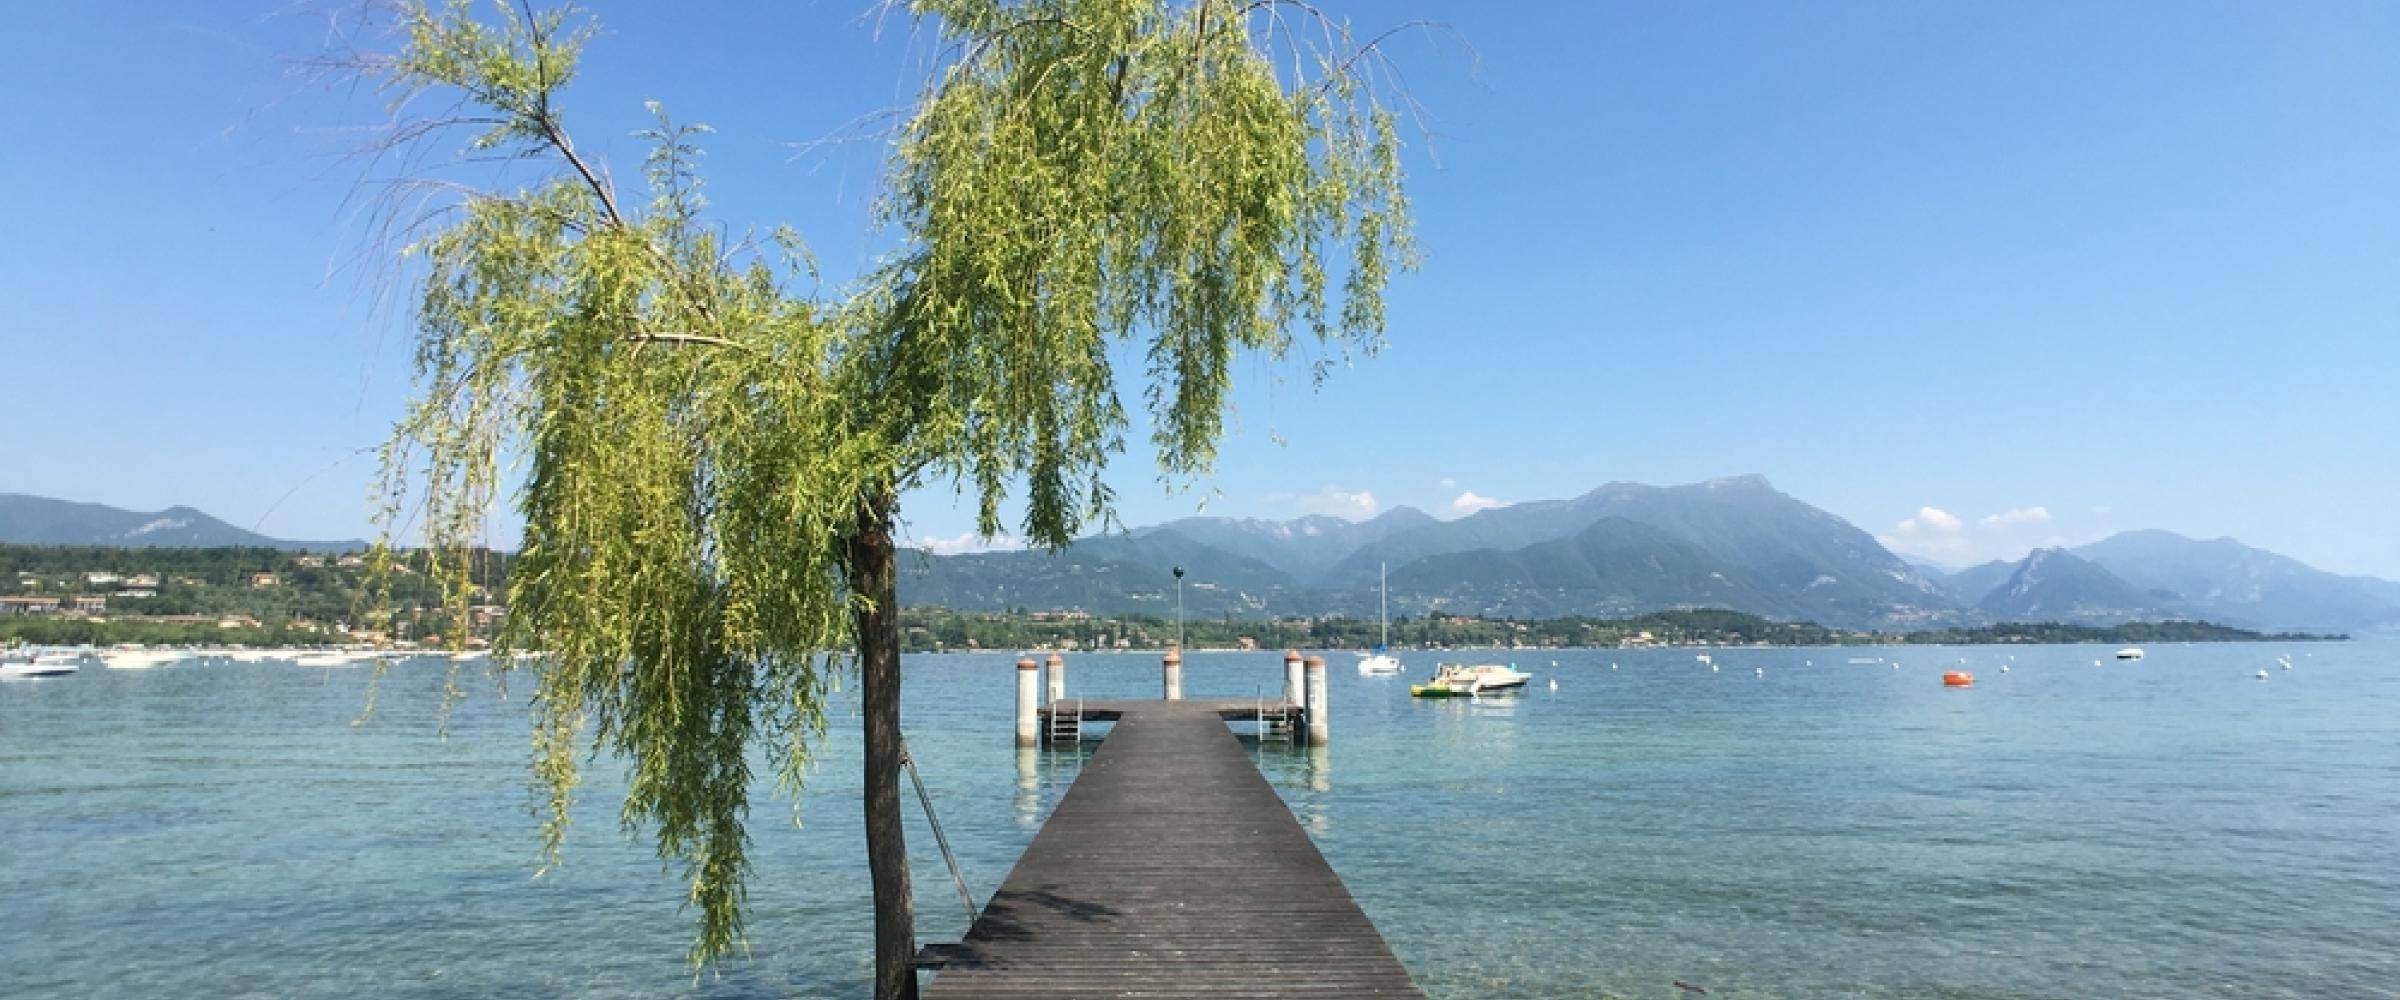 Perchè scegliere un residence sul lago di Garda vicino alla spiaggia